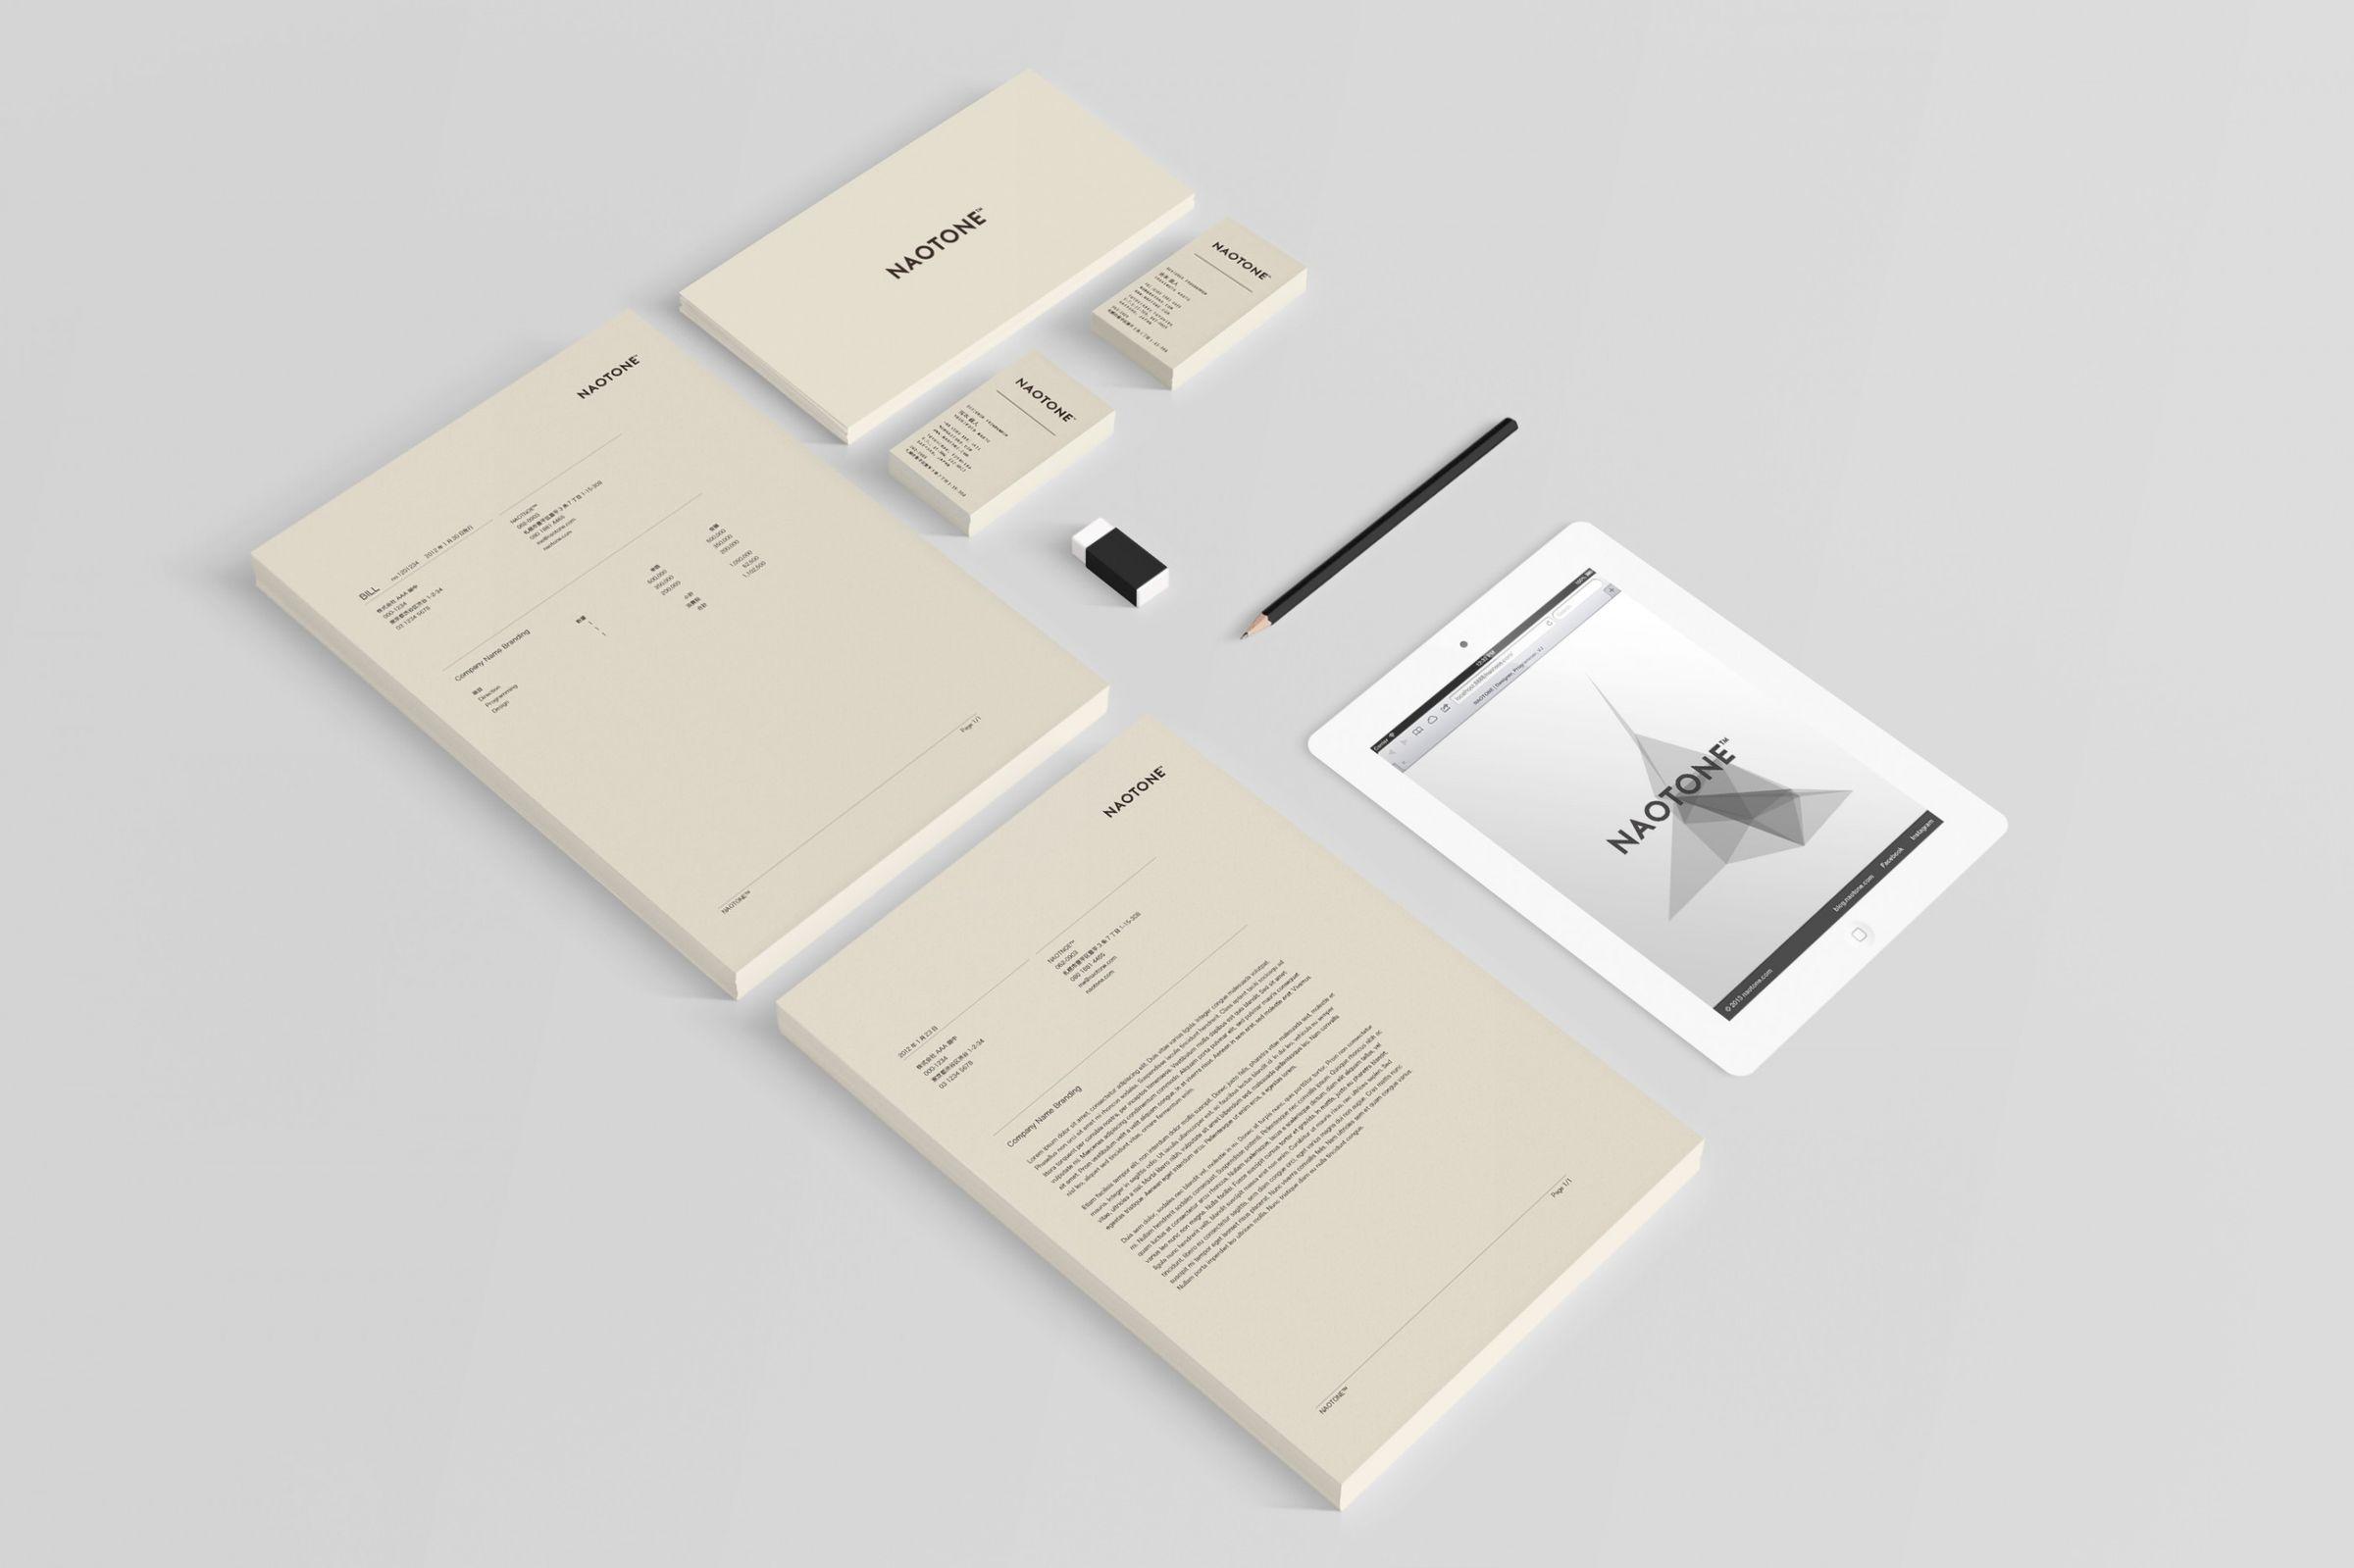 Naotone Branding kit